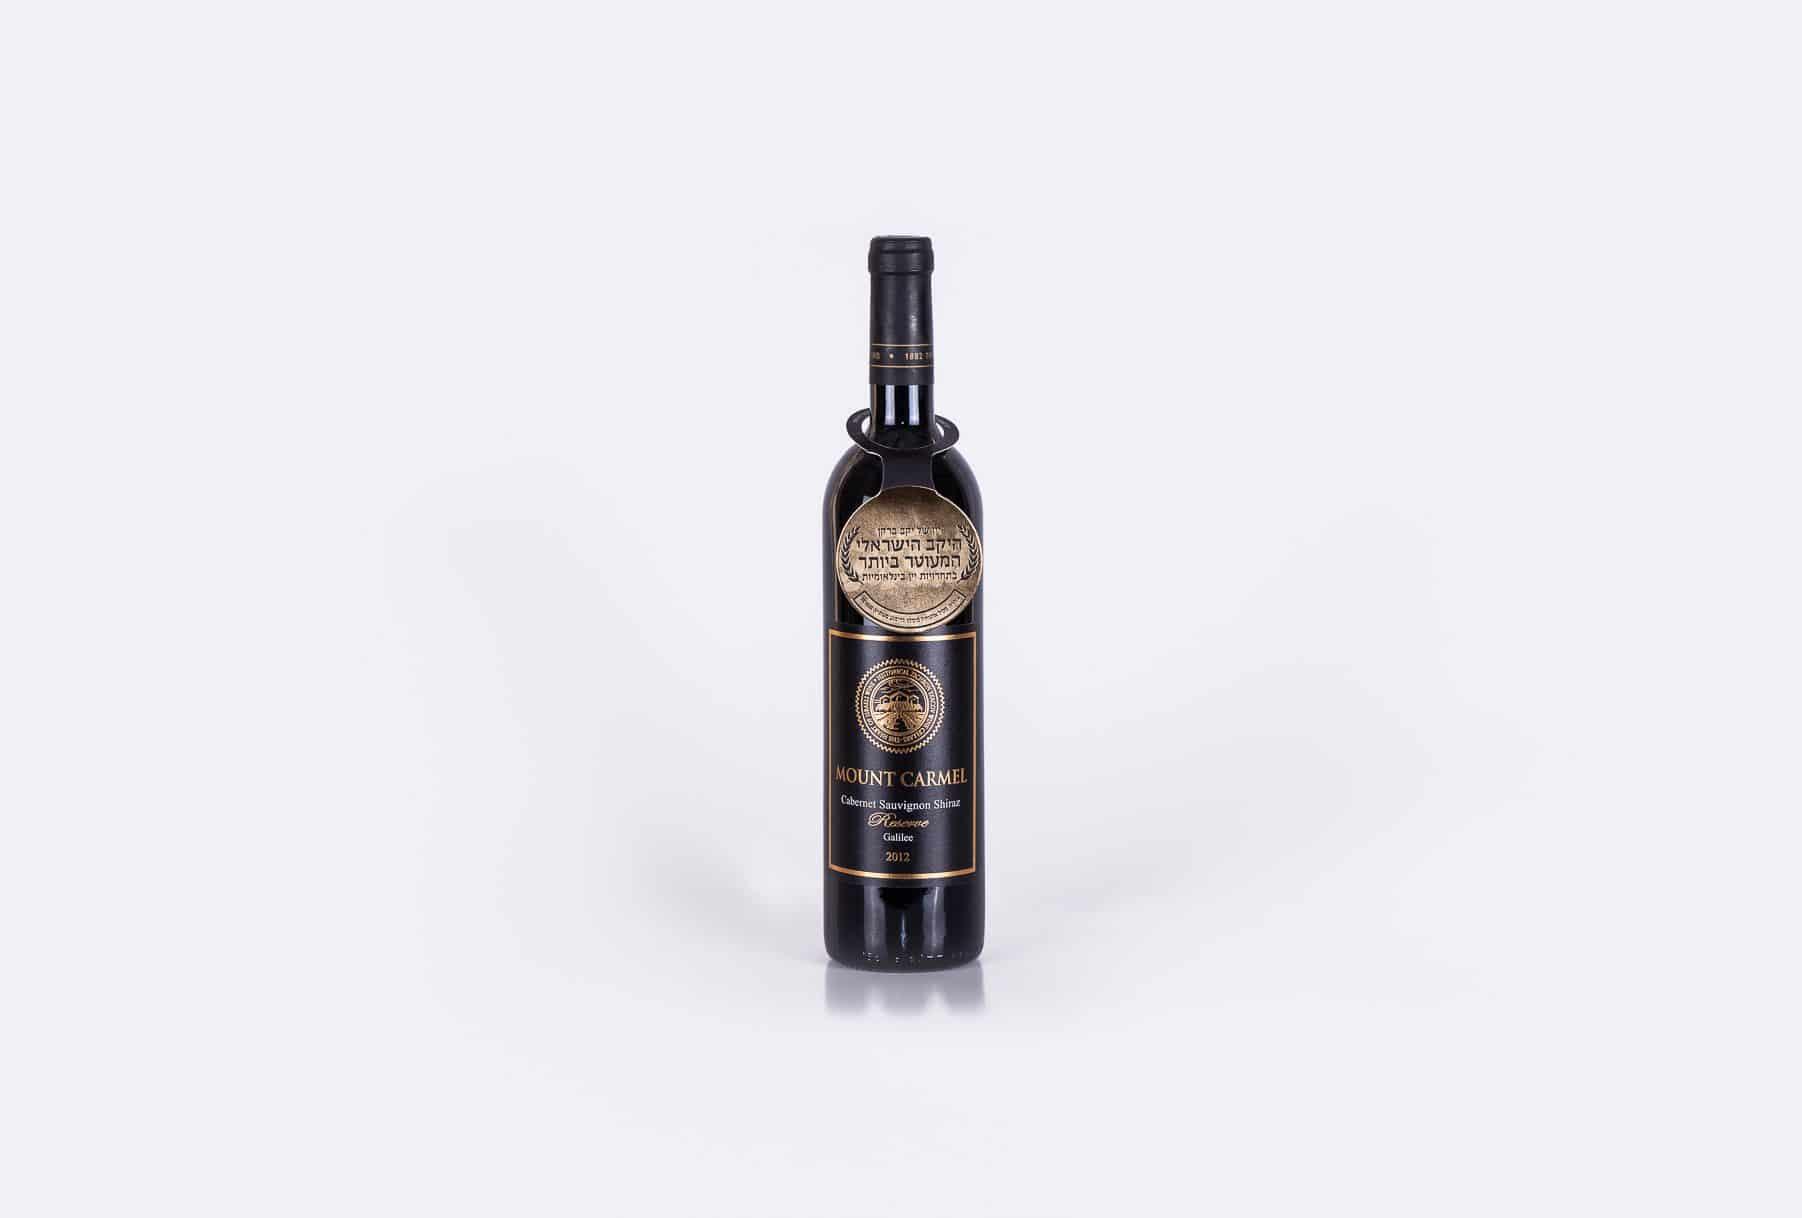 יינות של יקב ברקן עם תוויות לבקבוקים שמשדרים יוקרה. היין מסוג קברנה סוביניון, מזני שיראז מבציר בשנת 2012. יקב ברקן זכה בתחרות היקב הישראלי המעוטר ביותר.